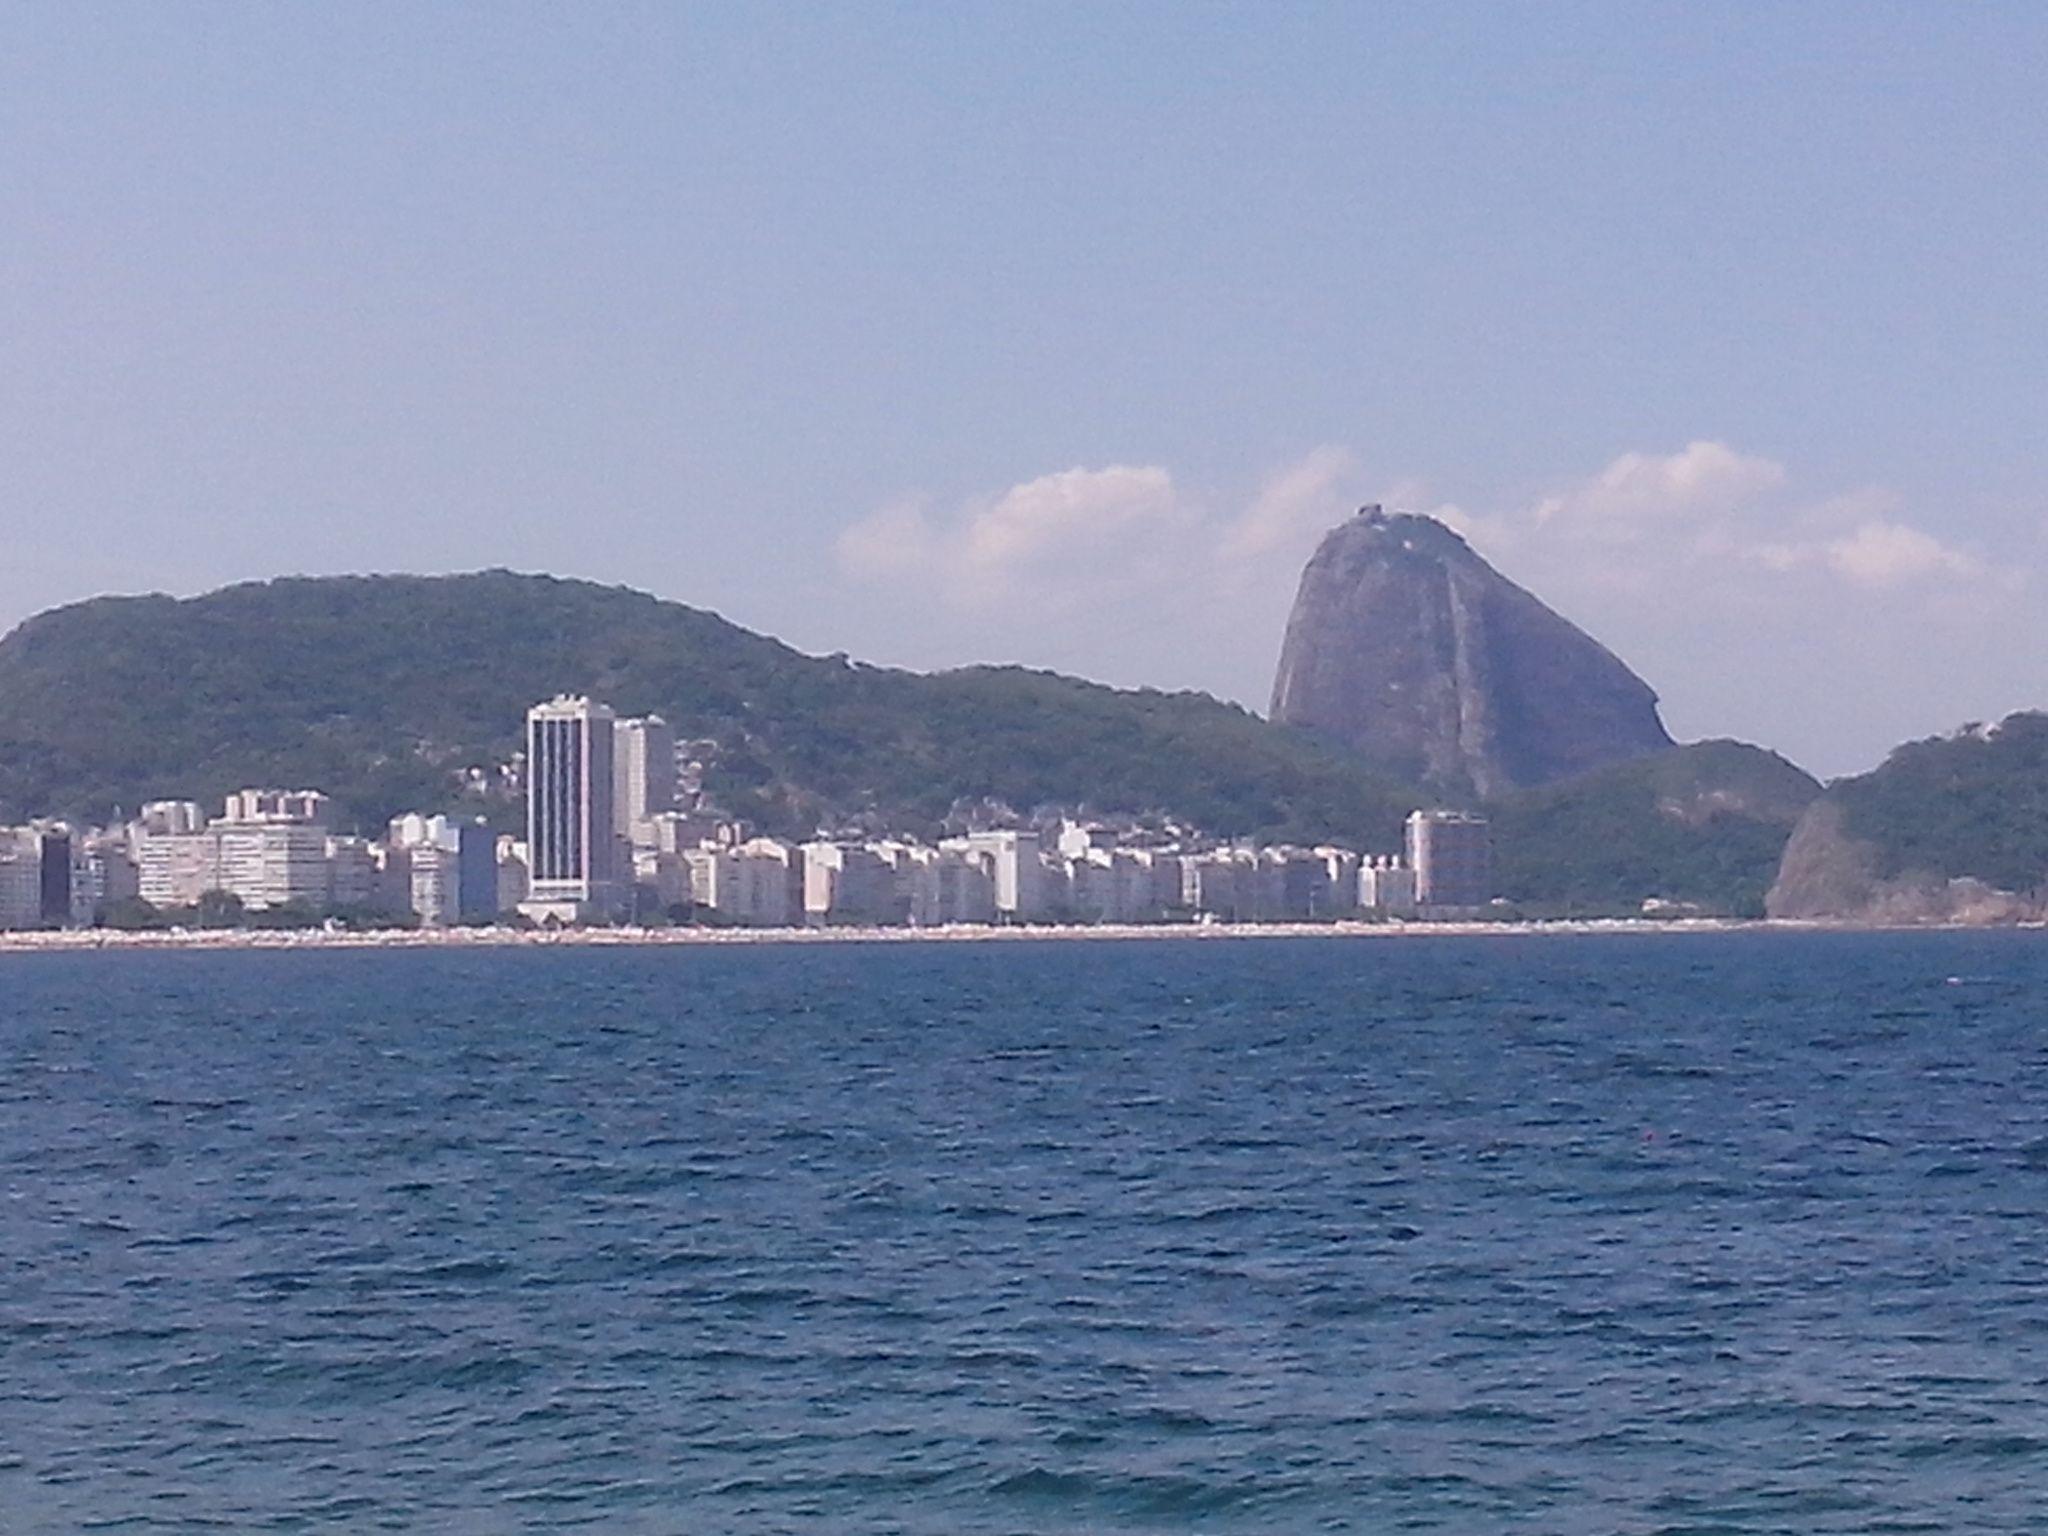 Praia de Copacabana, ao fundo o Pão de Açúcar. Foto tirada do Forte de Copacabana em 26/01/2014